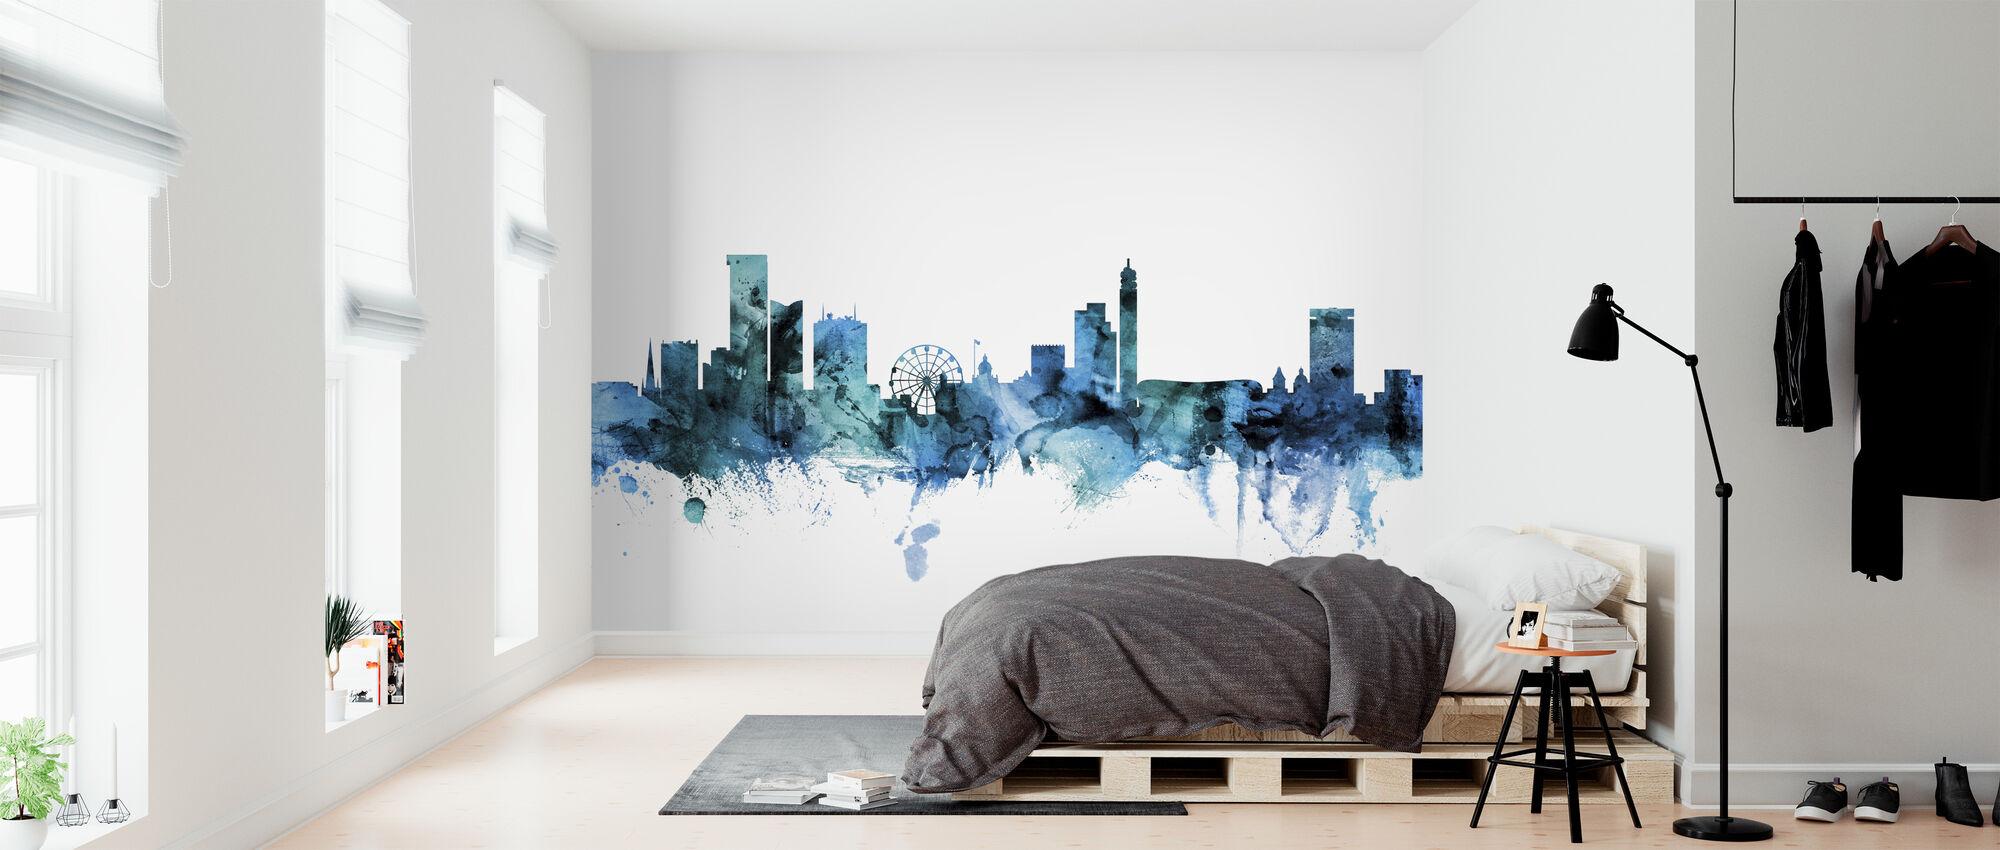 Birmingham England Skyline - Wallpaper - Bedroom